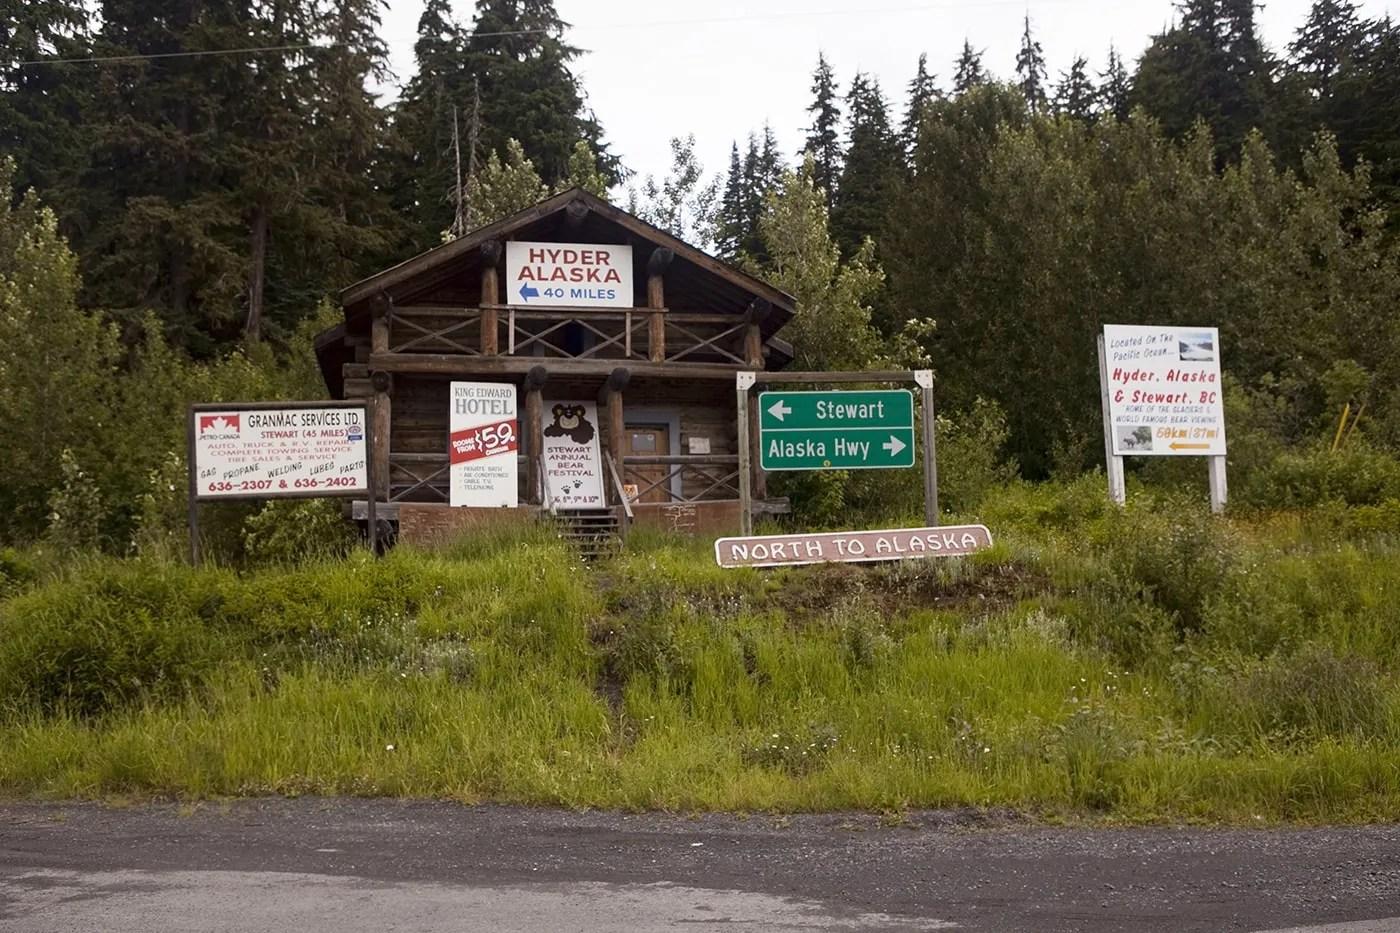 Meziadin Junction a Hyder Alaska Visitor Information